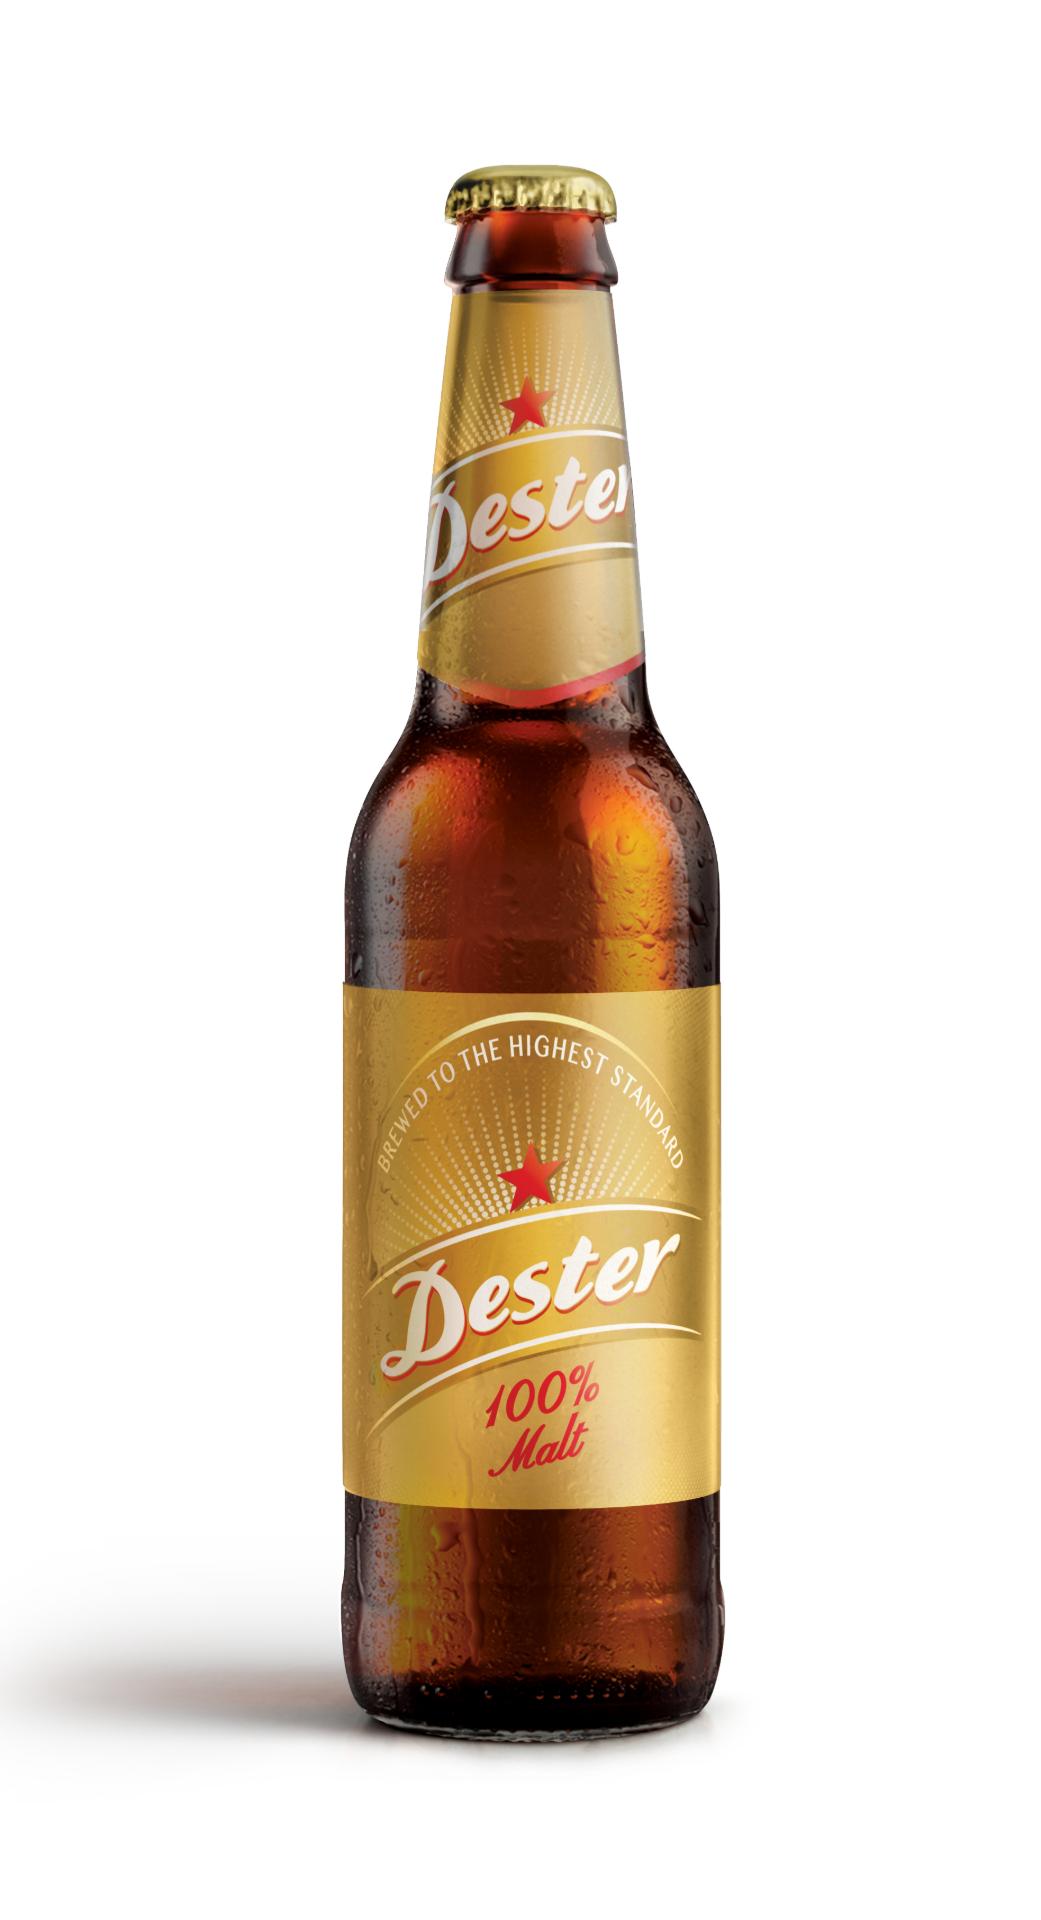 24 bottles of Dester Gold 100% Malt Beer